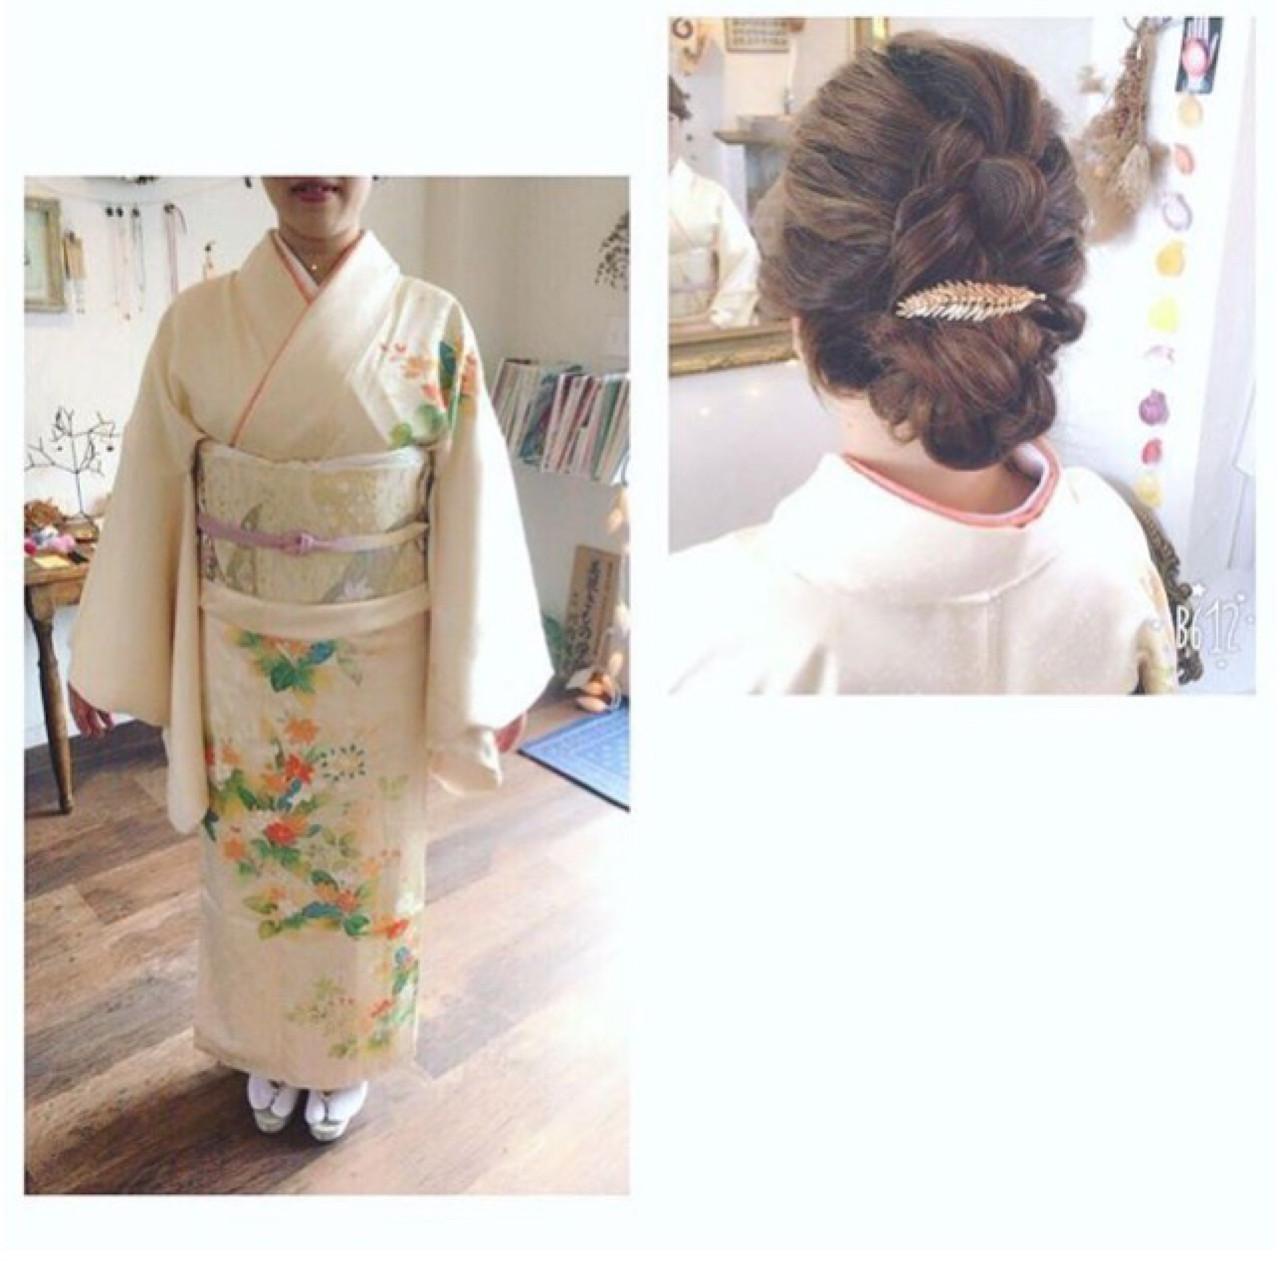 はんなり美しい着物美人に♡華やか艶やか和装にぴったりの髪型 川内道子 instagram→michiko_k